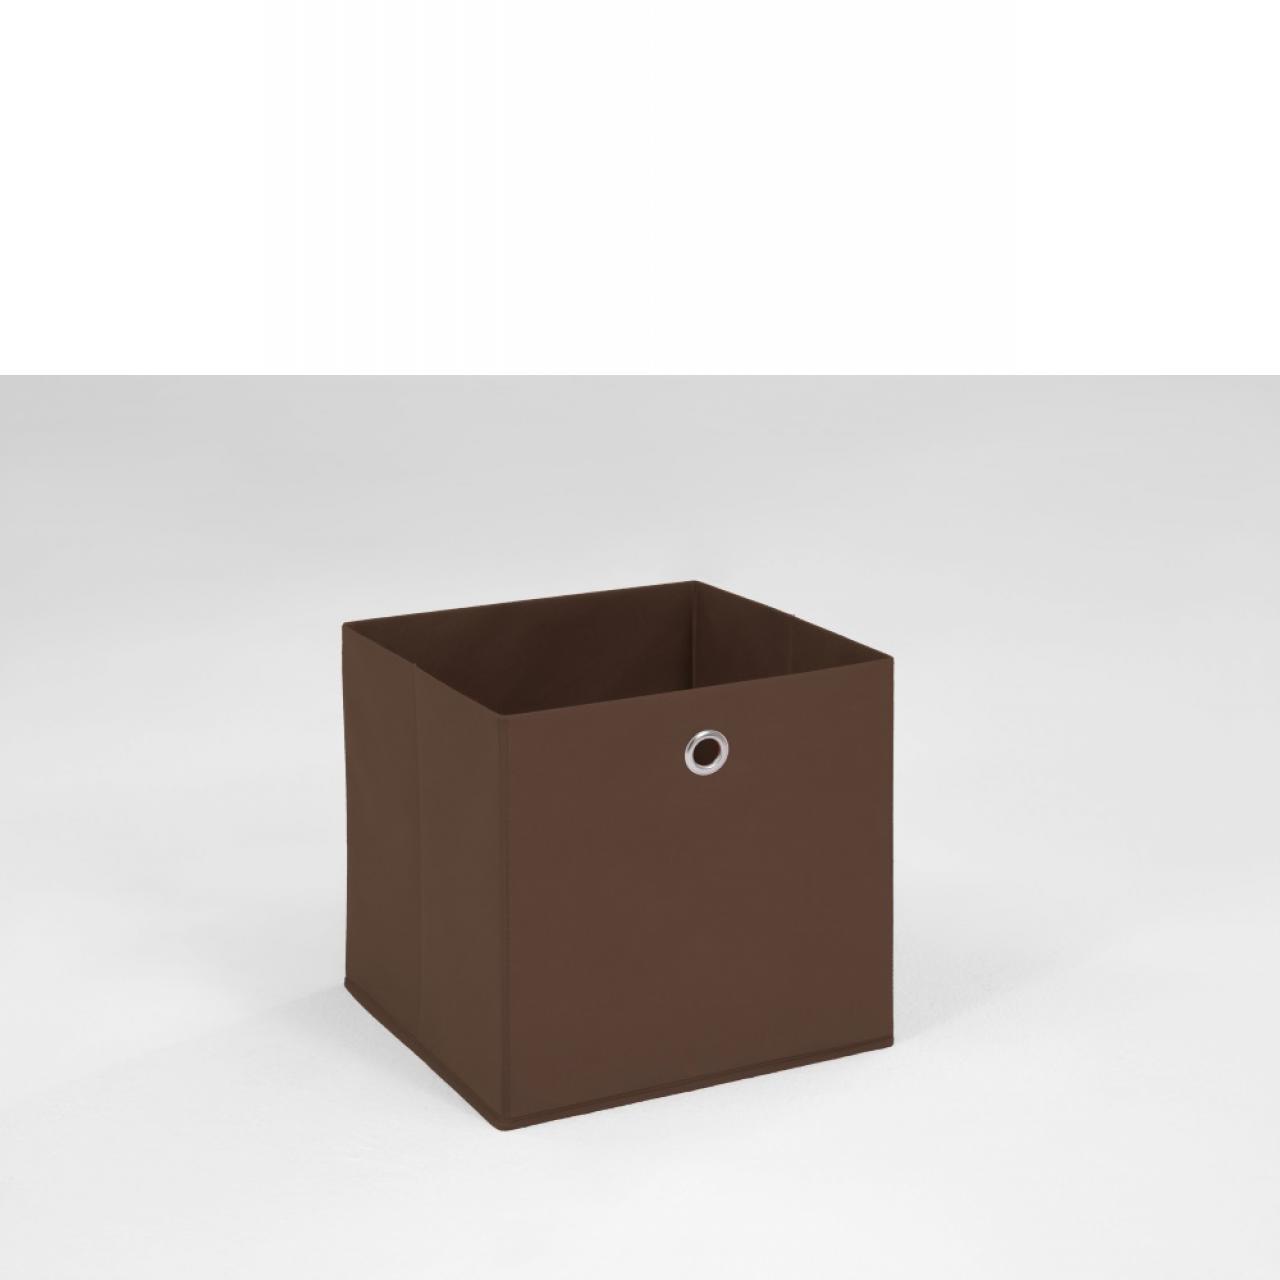 faltbox mega 3 braun beim bel wohnen m bel j hnichen. Black Bedroom Furniture Sets. Home Design Ideas